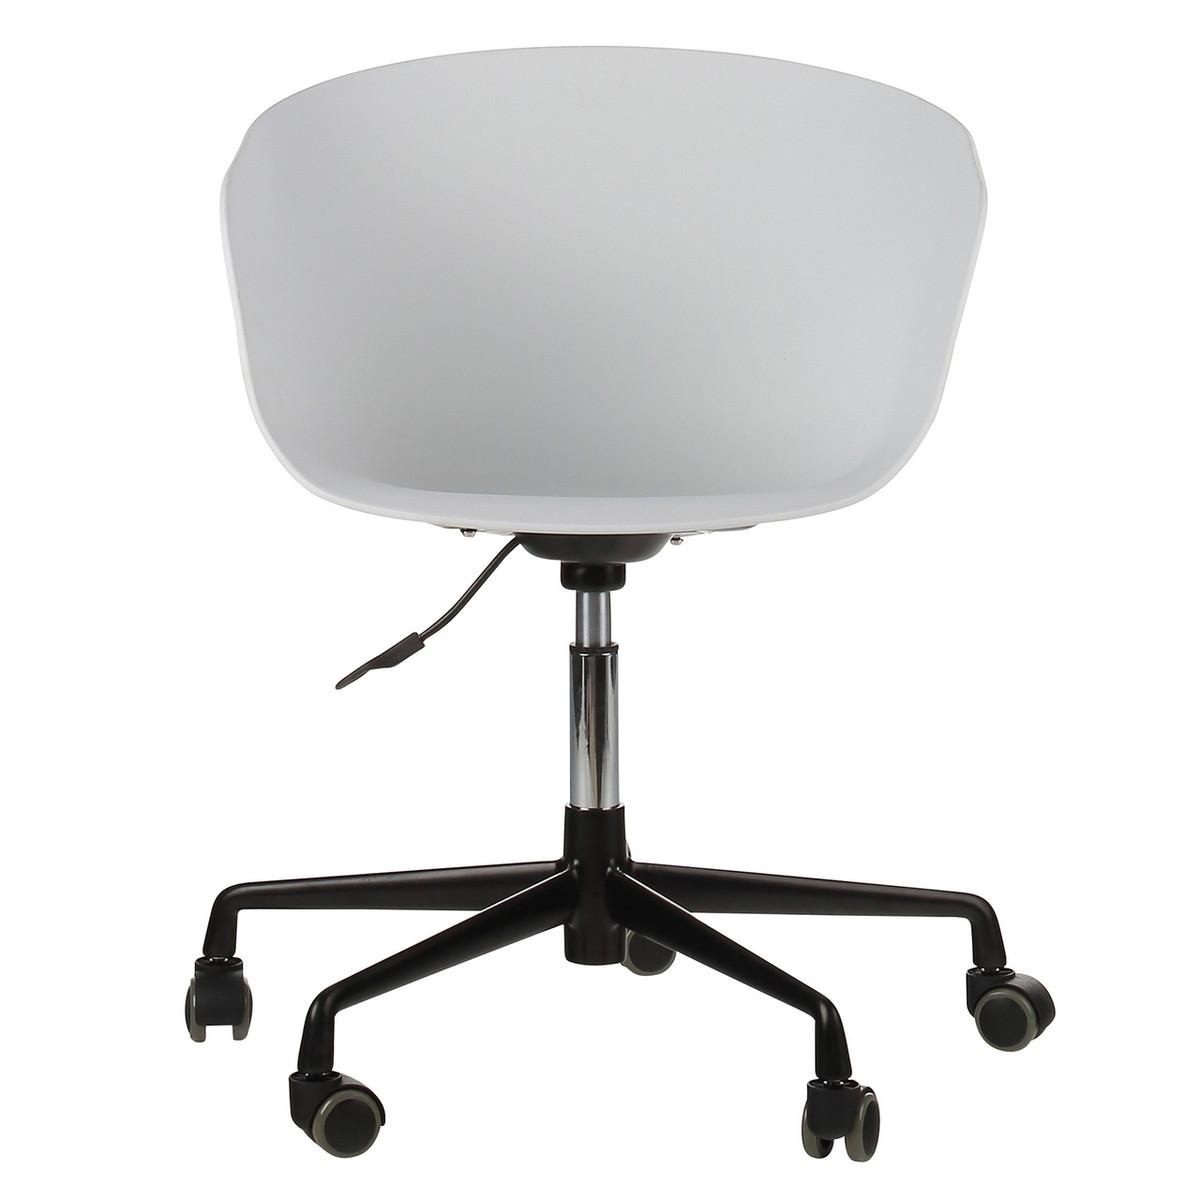 Danish Mid Century Modern White Office Chair With Black Aluminum Frame Ja Ofc Dn Bk Joseph Allen Home